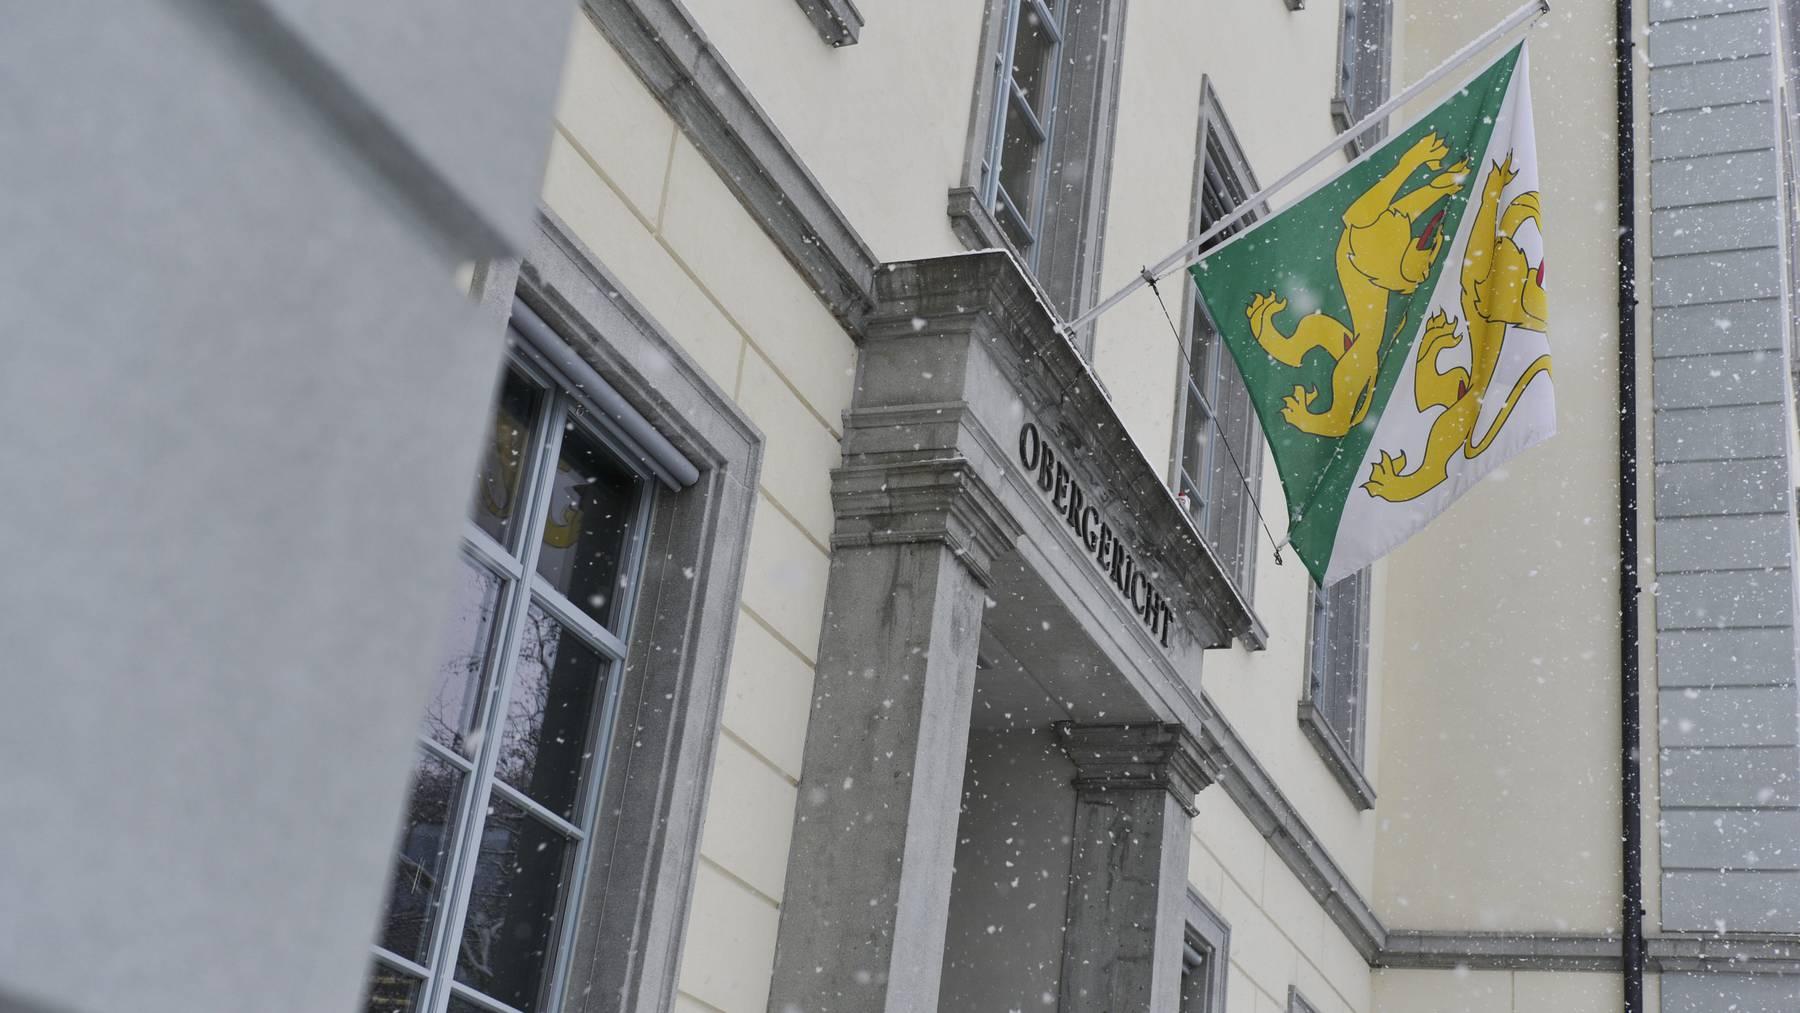 Thurgauer Obergericht Frauenfeld / Archiv Thurgauer Zeitung